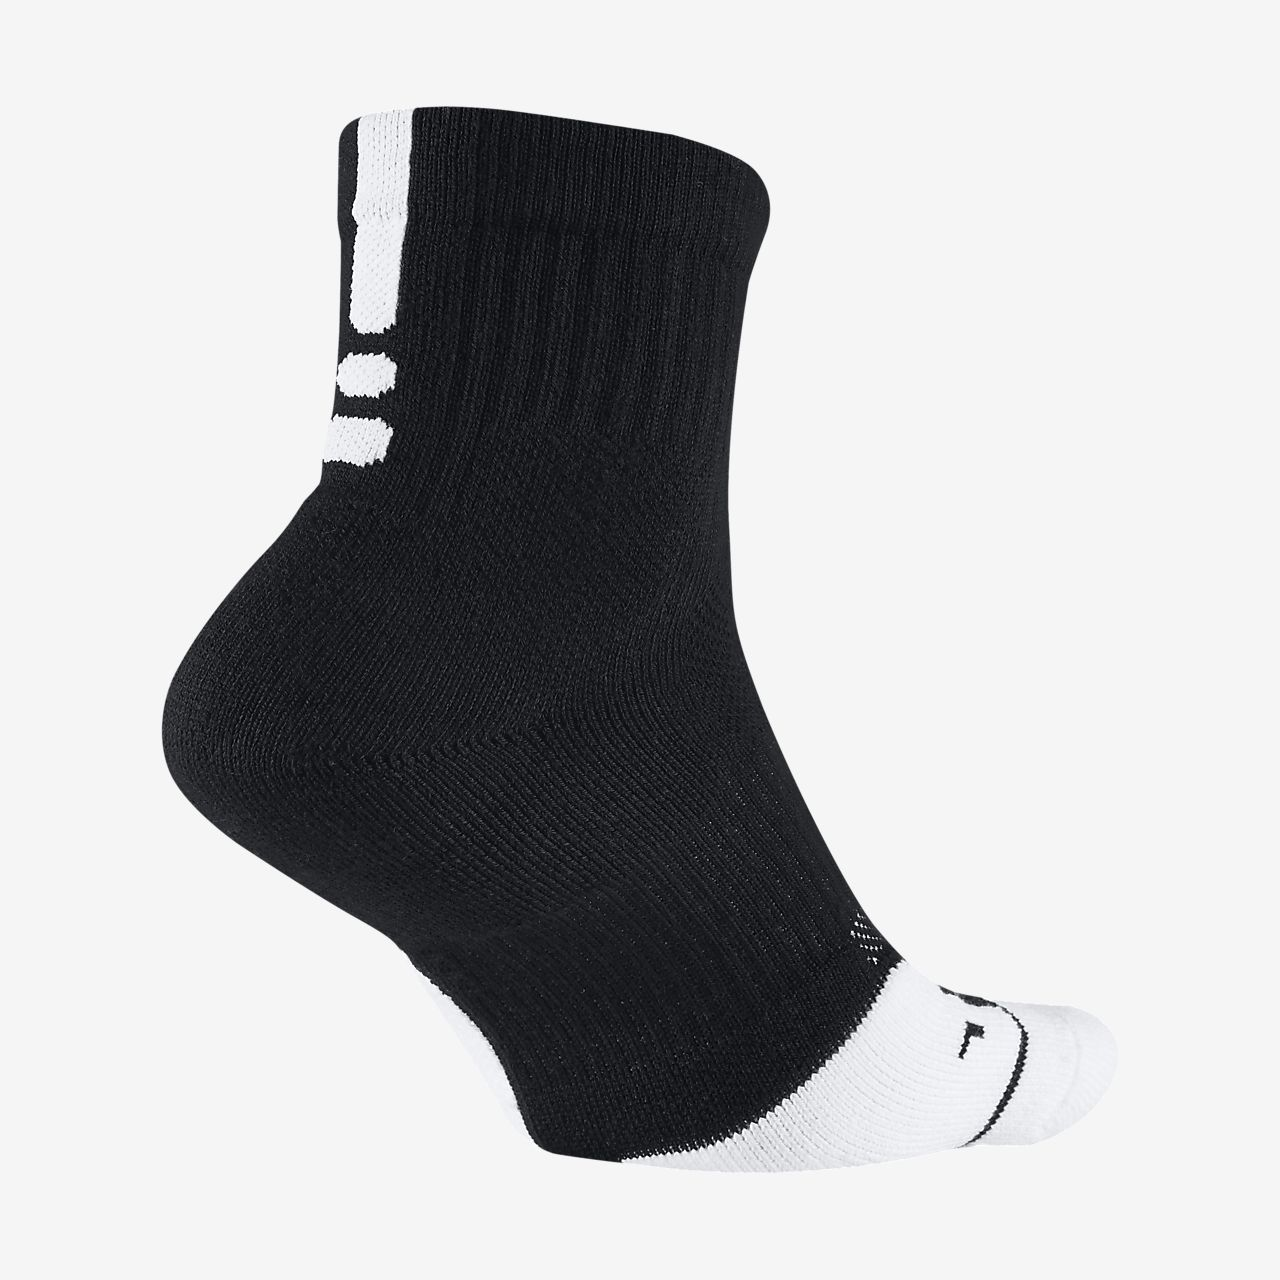 detailed look 2d6aa ad326 Basketball Socks. Nike Dry Elite 1.5 Mid